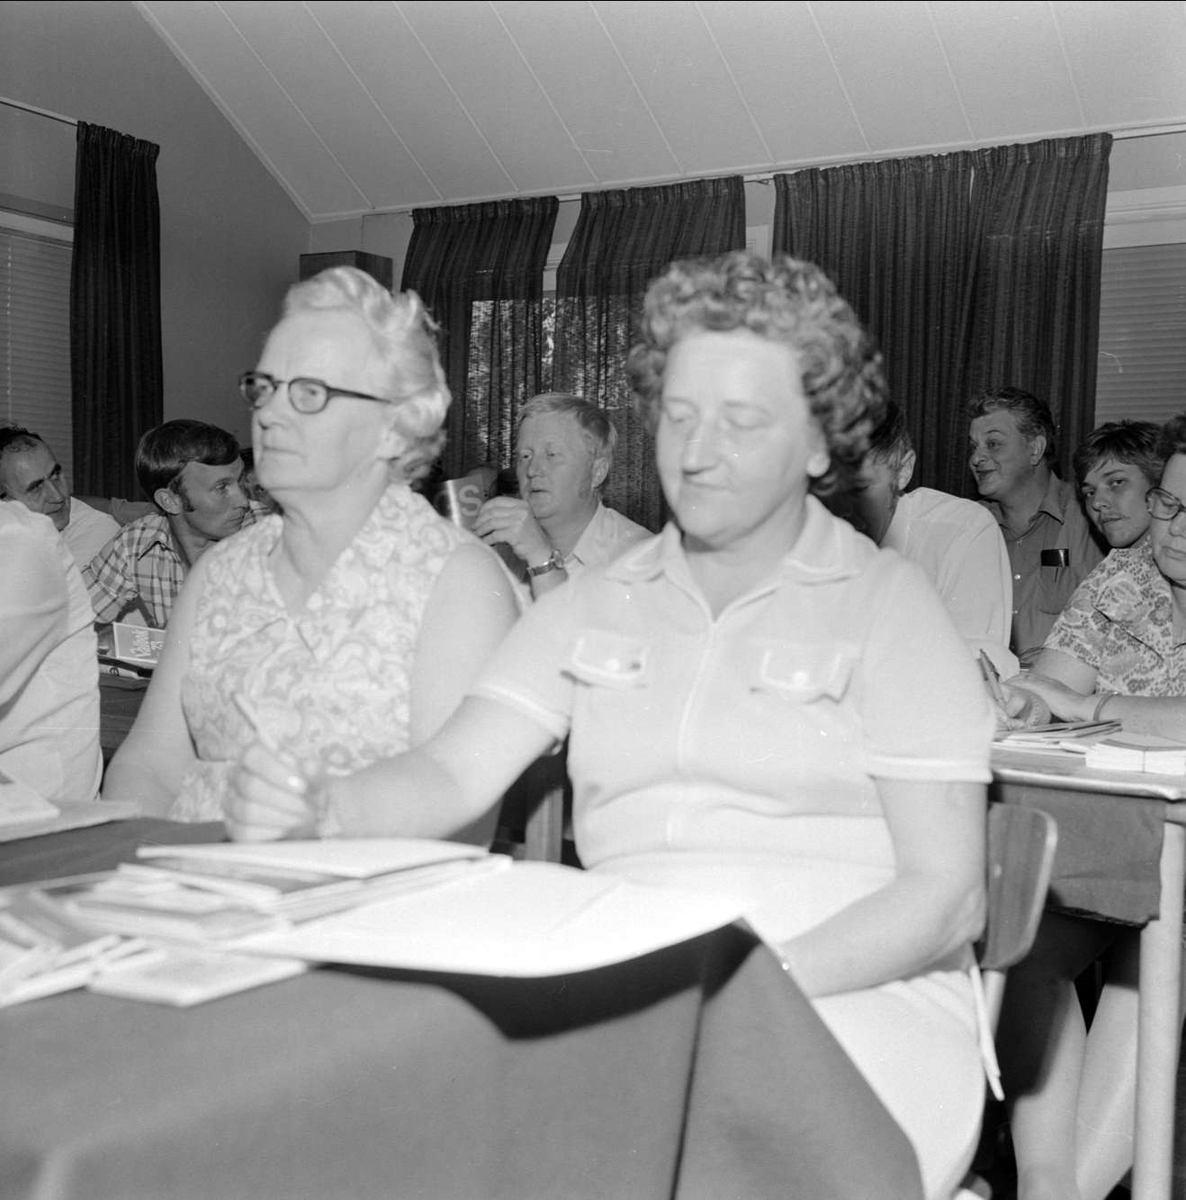 Sannolikt kursdeltagare, Tierp, Uppland 1973